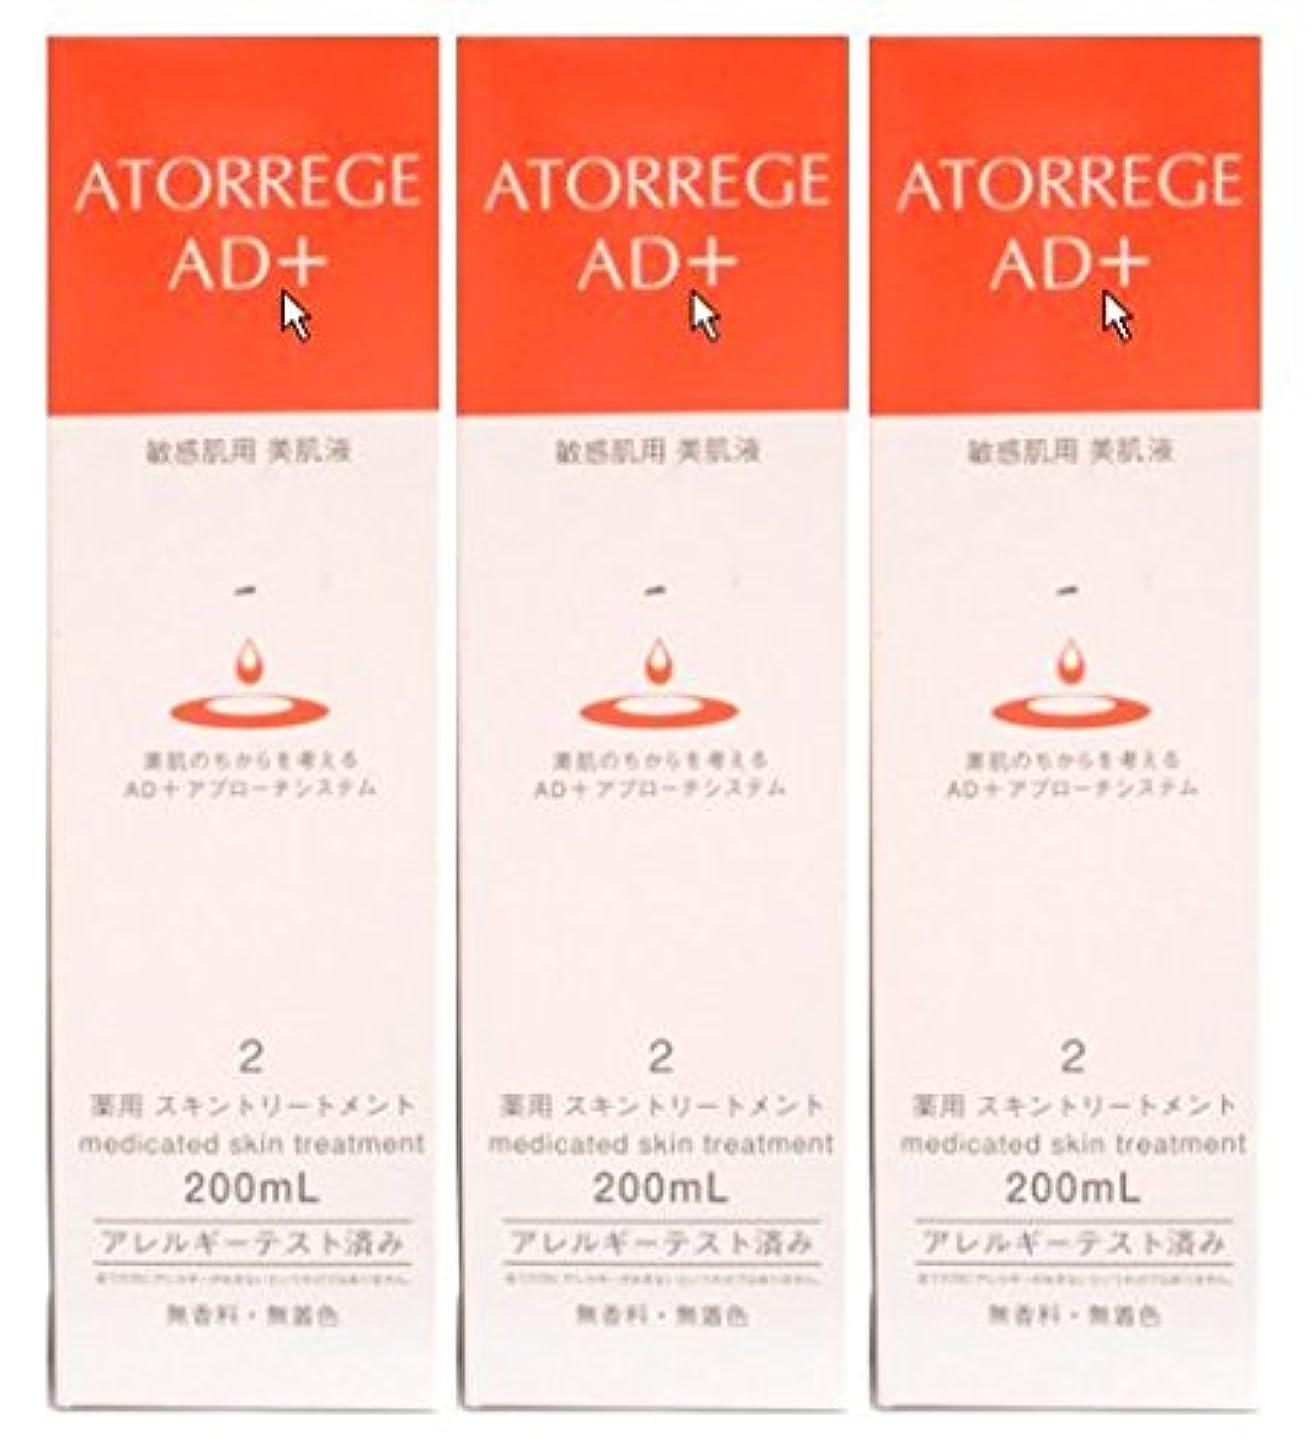 控える意味する月曜(お買い得3本セット)アトレージュ AD+薬用スキントリートメント 200ml(敏感肌用化粧水)(医薬部外品)